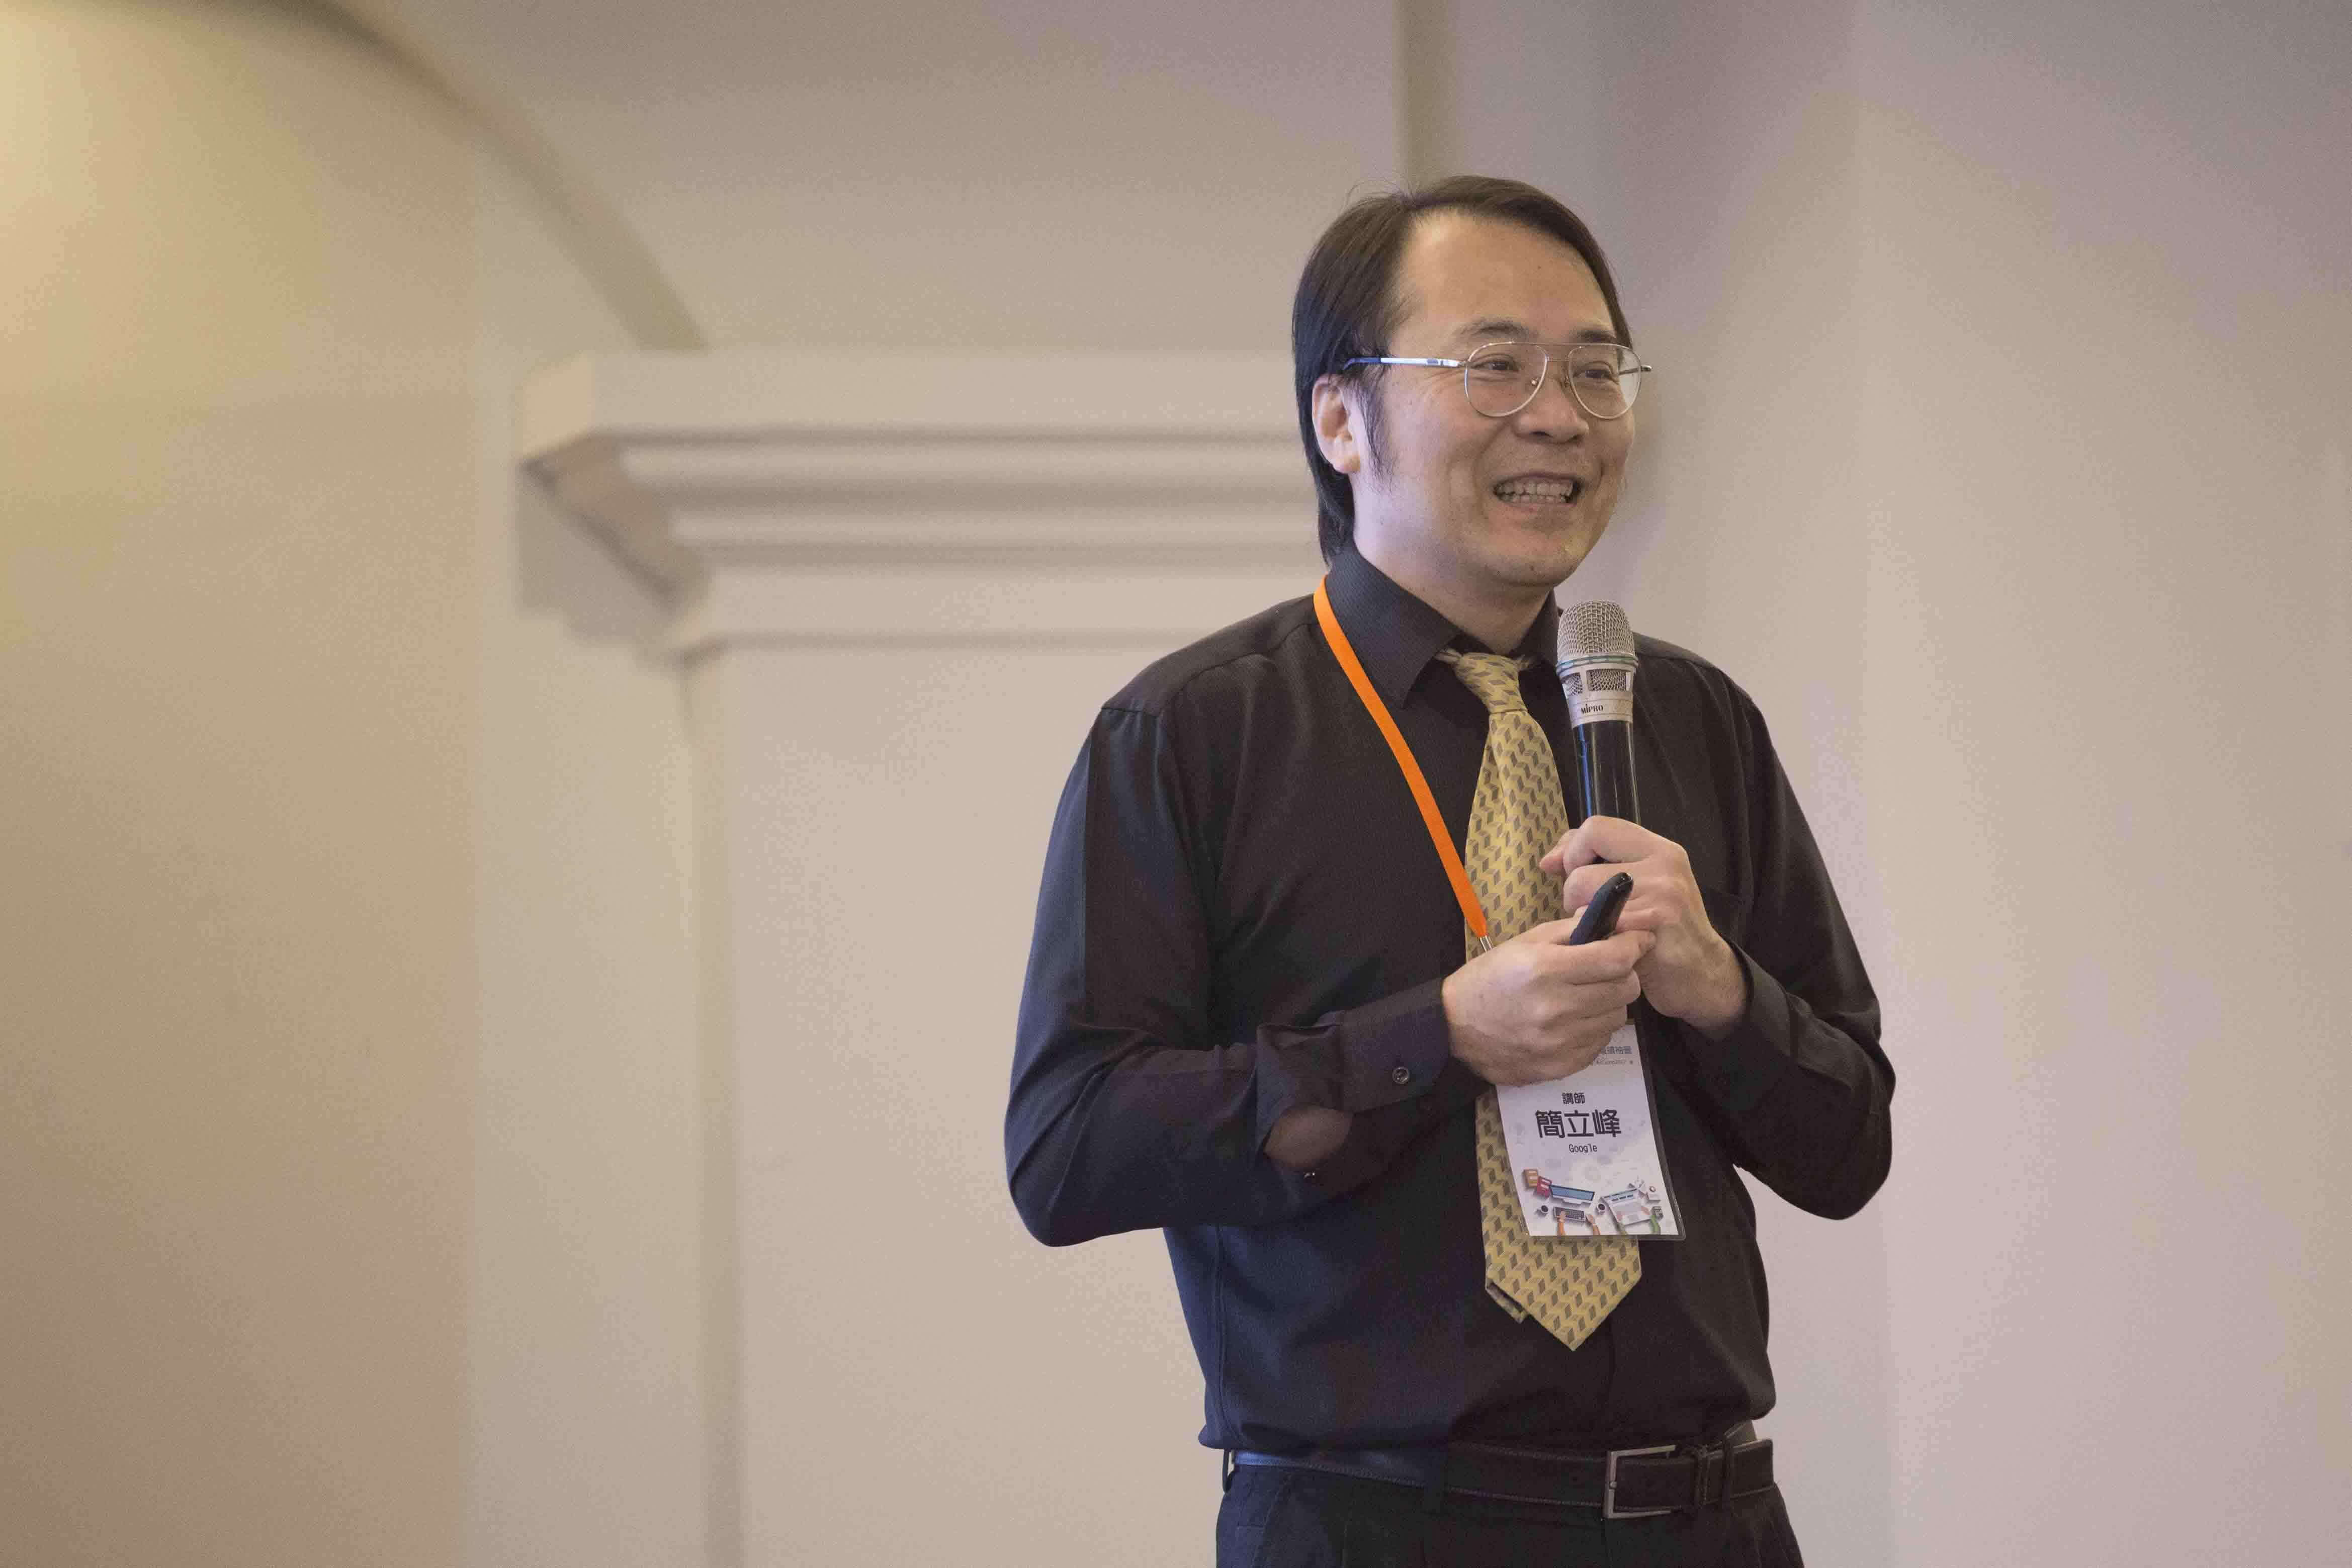 不是每個戀曲,都有美好回憶。而 Google 臺灣董事總經理簡立峰,在人工智慧跨域領袖營中提到,不是每個問題都適合用 AI 解決。 攝影│張語辰